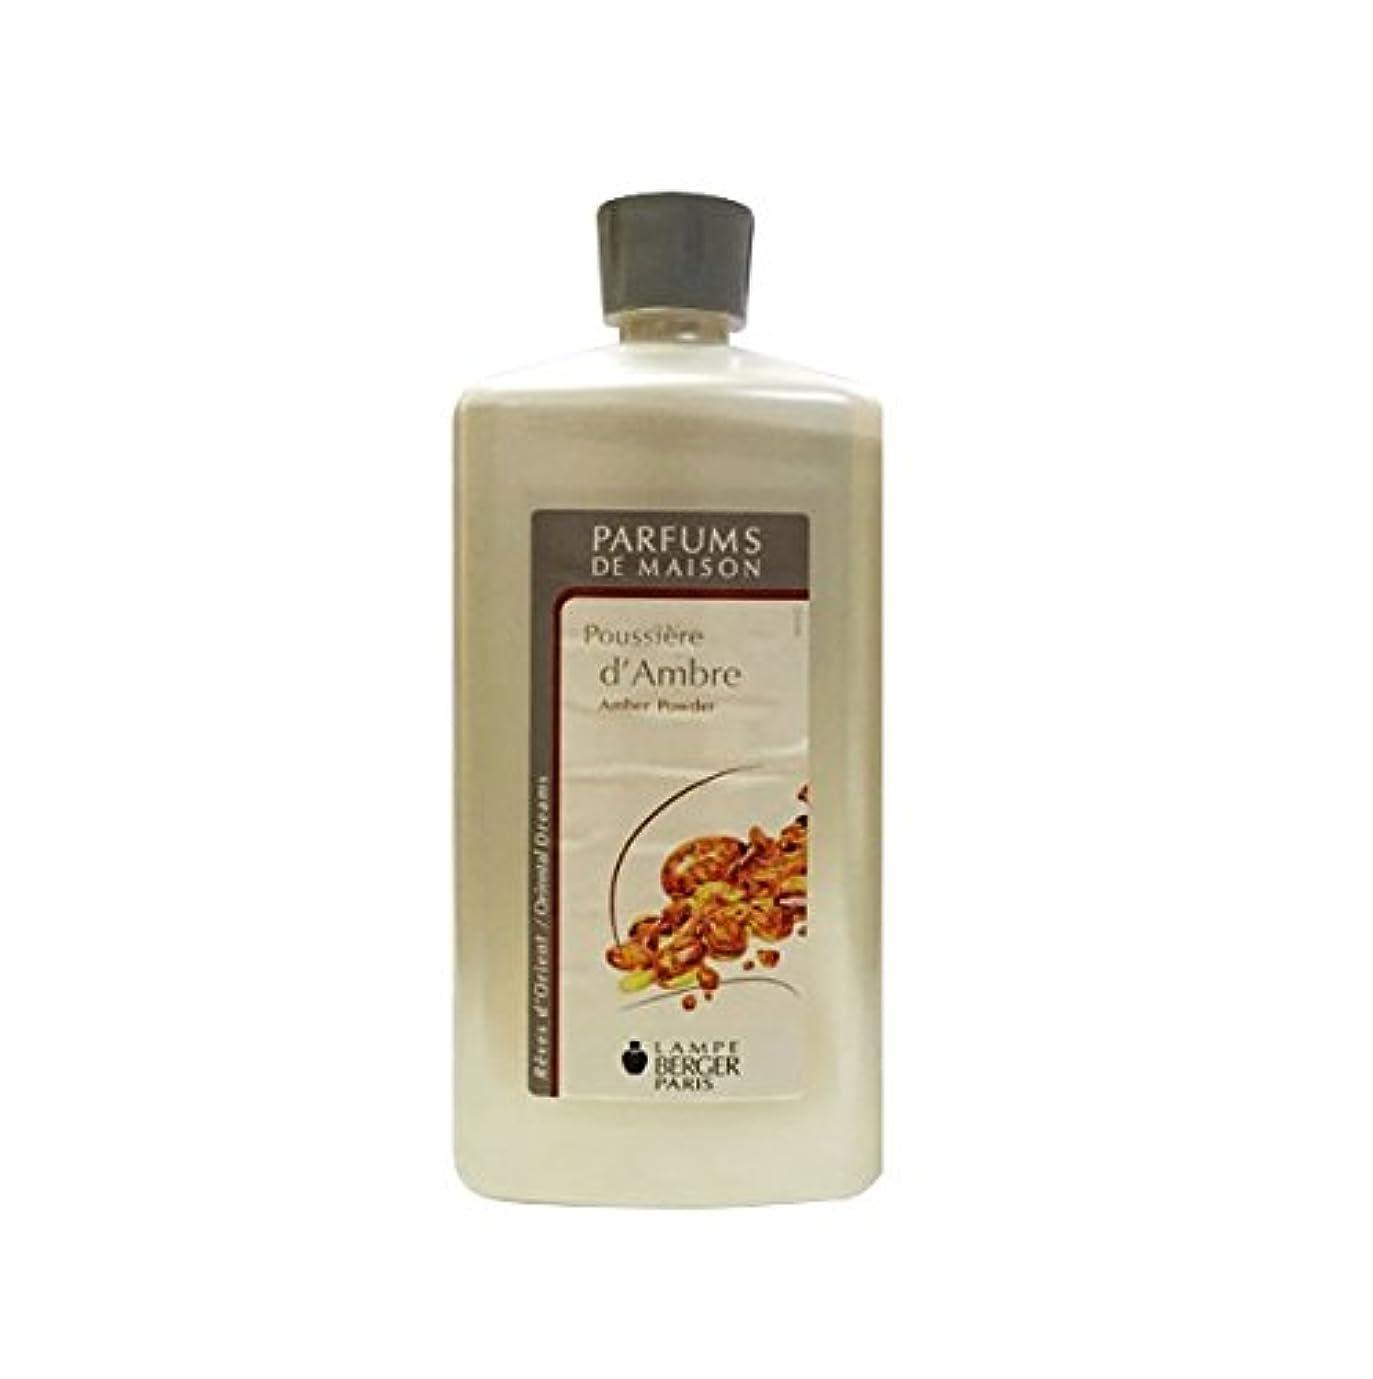 イソギンチャクポルトガル語そうランプベルジェオイル(琥珀)Poussière d'Ambre / Amber Powder